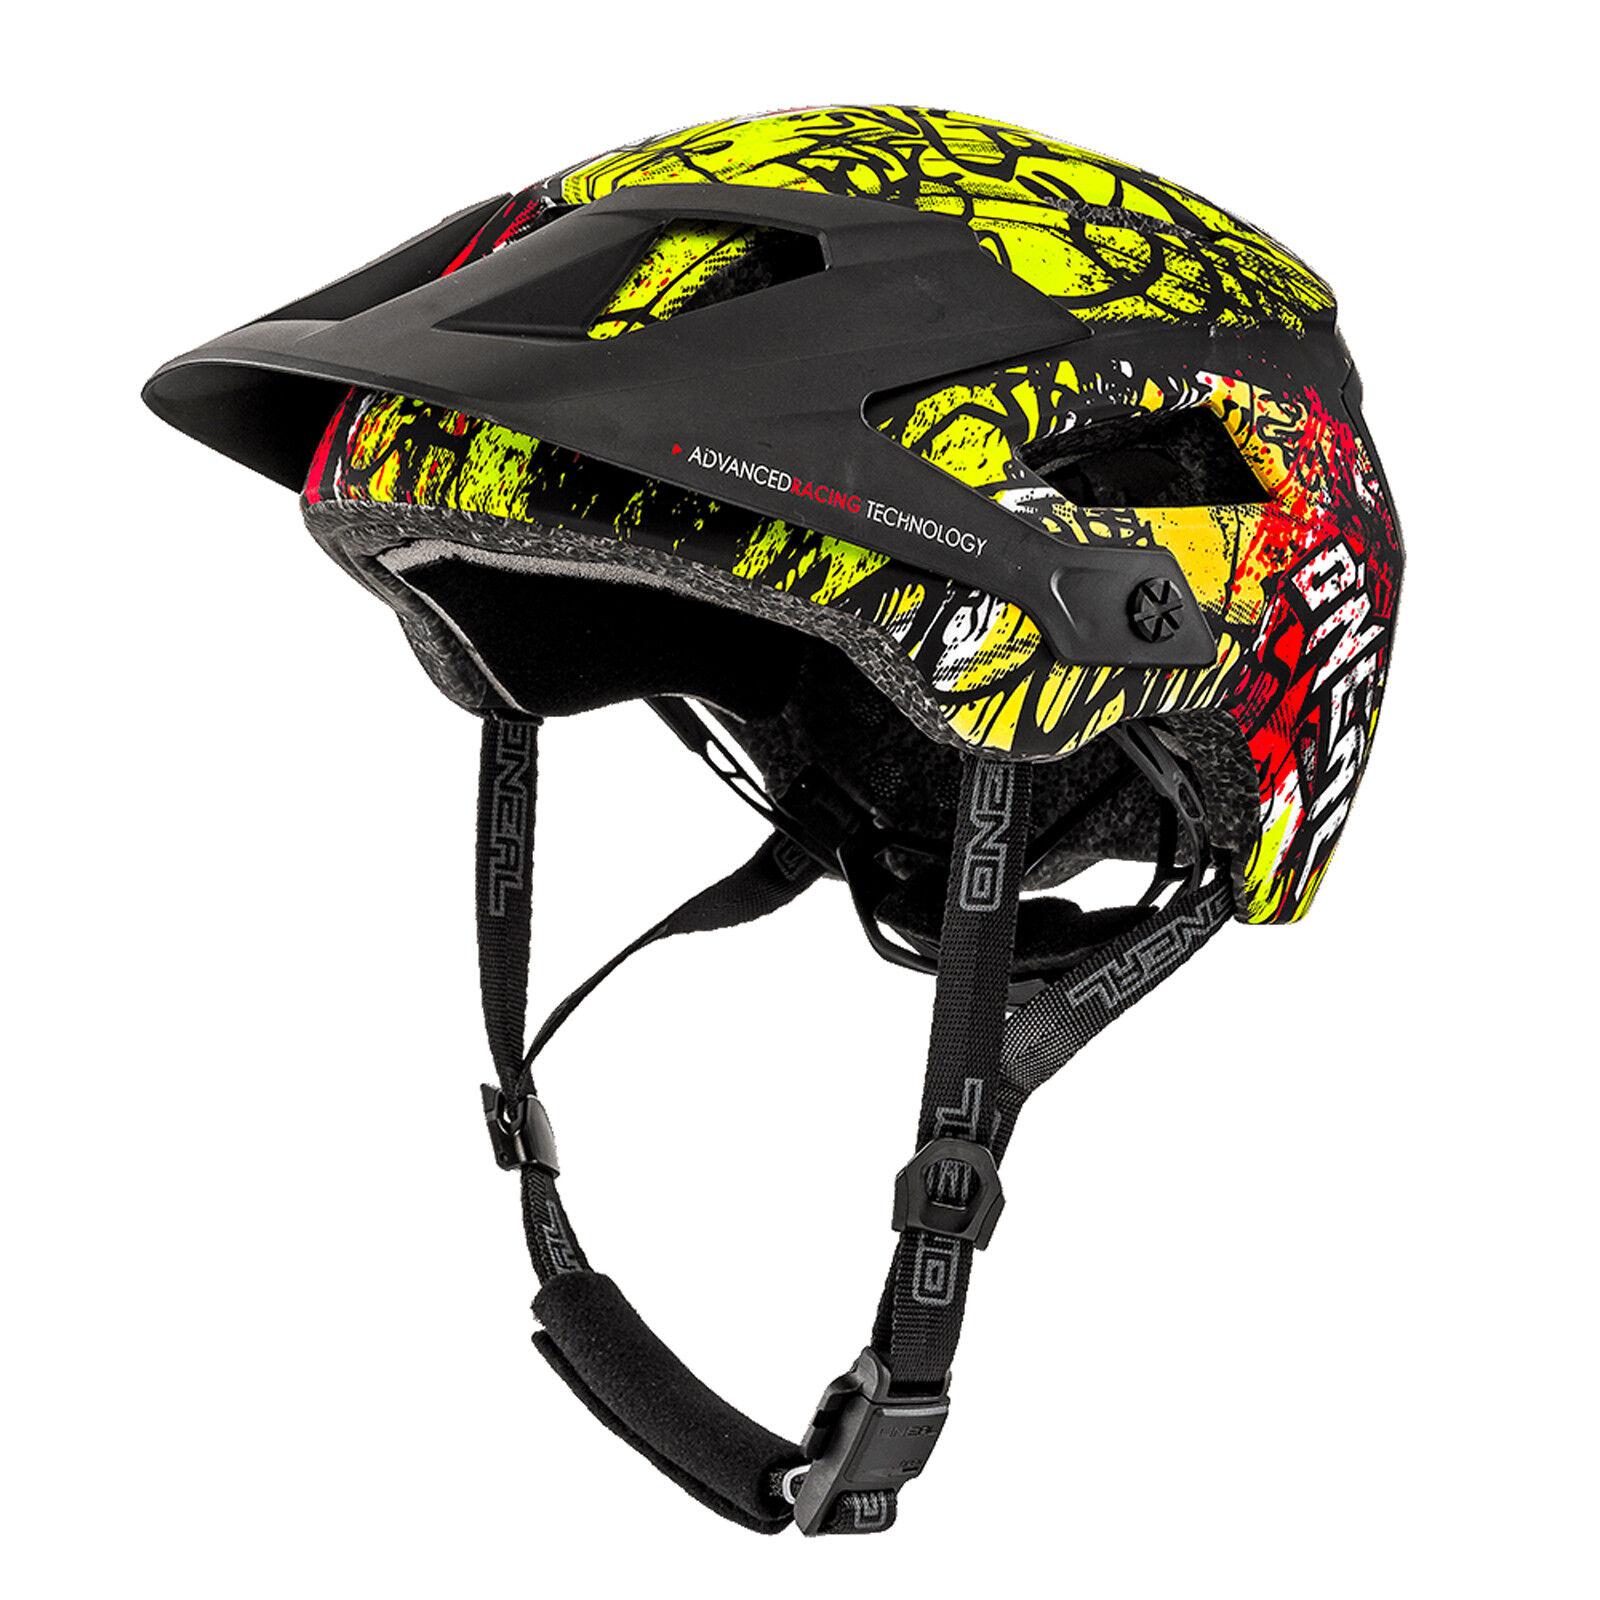 O'neal Defender Defender Defender 2.0 Vandal All Mountain MTB Fahrrad Helm schwarz Orange gelb 201 9e6940